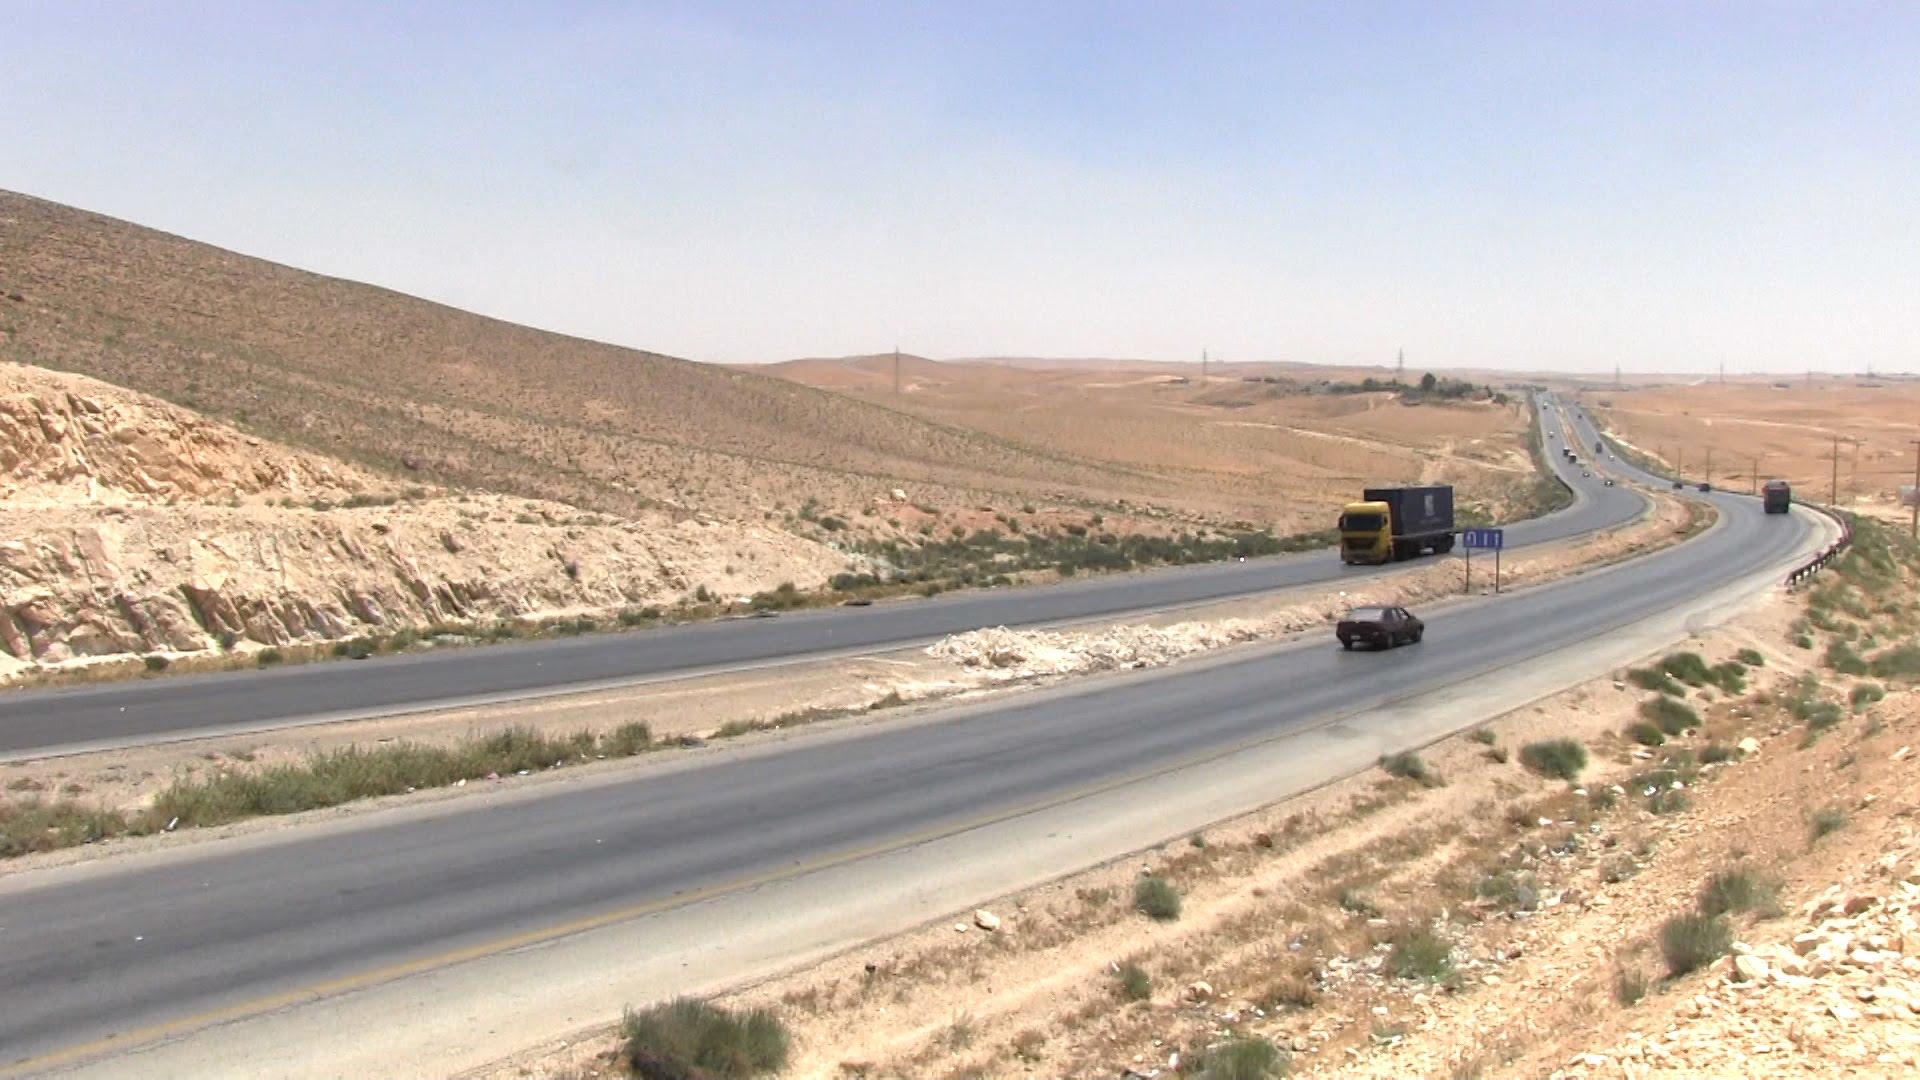 4 إصابات على الصحراوي إثر حادث تدهور